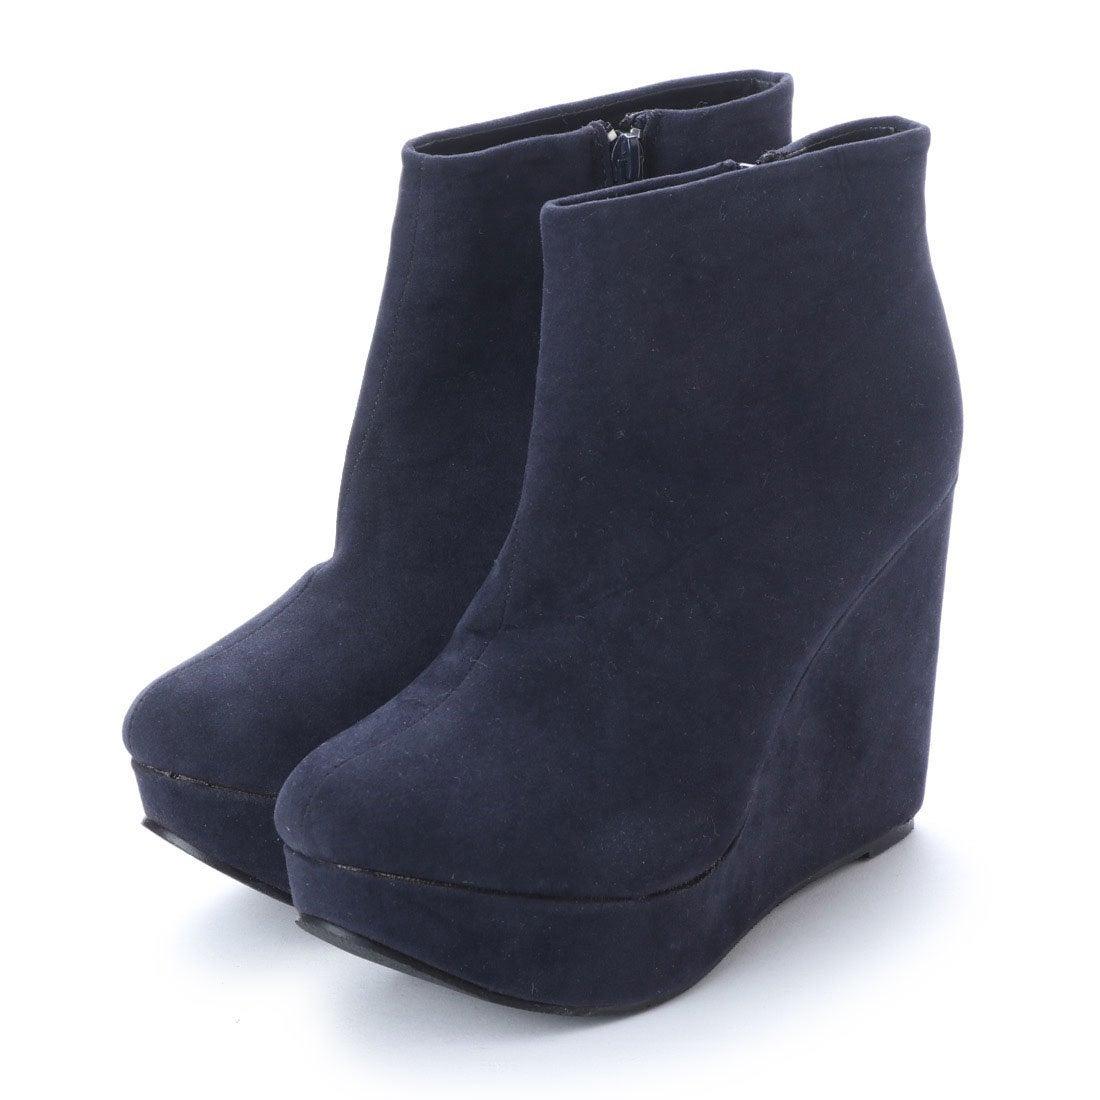 ロコンド 靴とファッションの通販サイトスタイルブロック STYLEBLOCK PUレザースウェードウエッジソールブーティー (ネイビースエード)